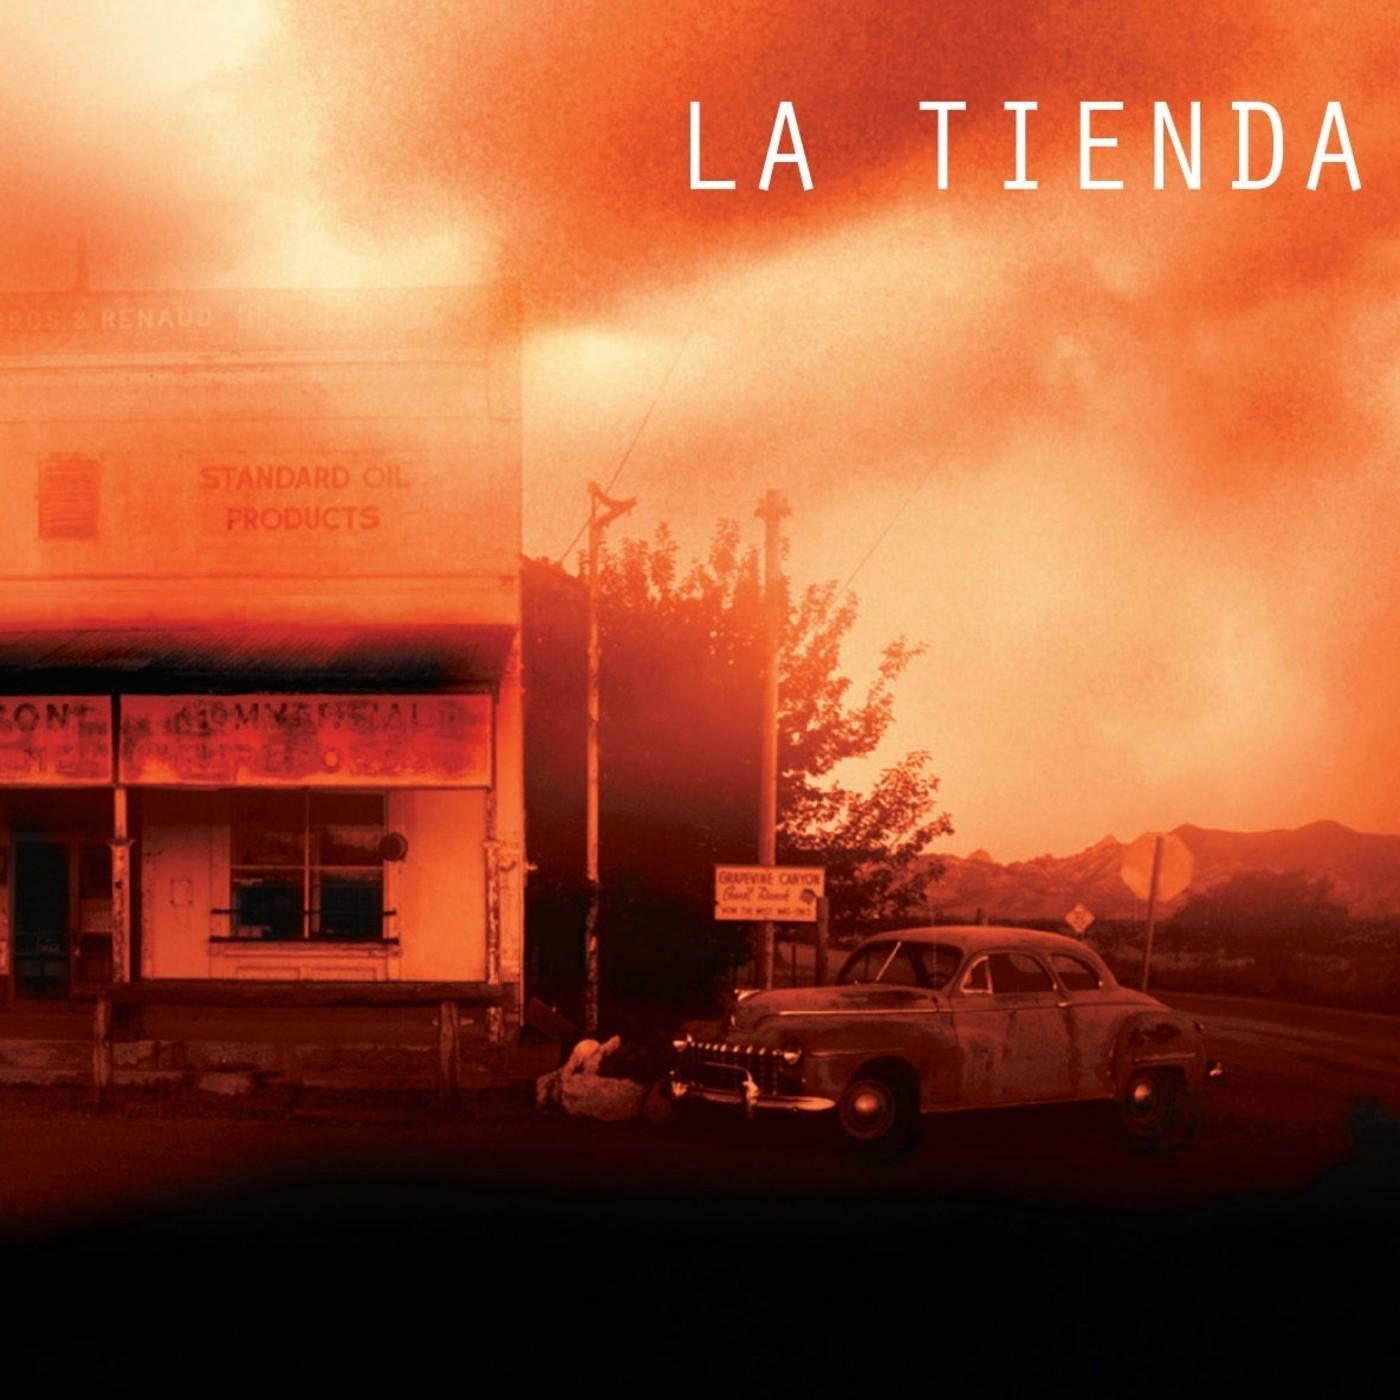 La Tienda 1x14 - Cazadores in La Tienda in mp3(30/07 a las 20:40:33 ...